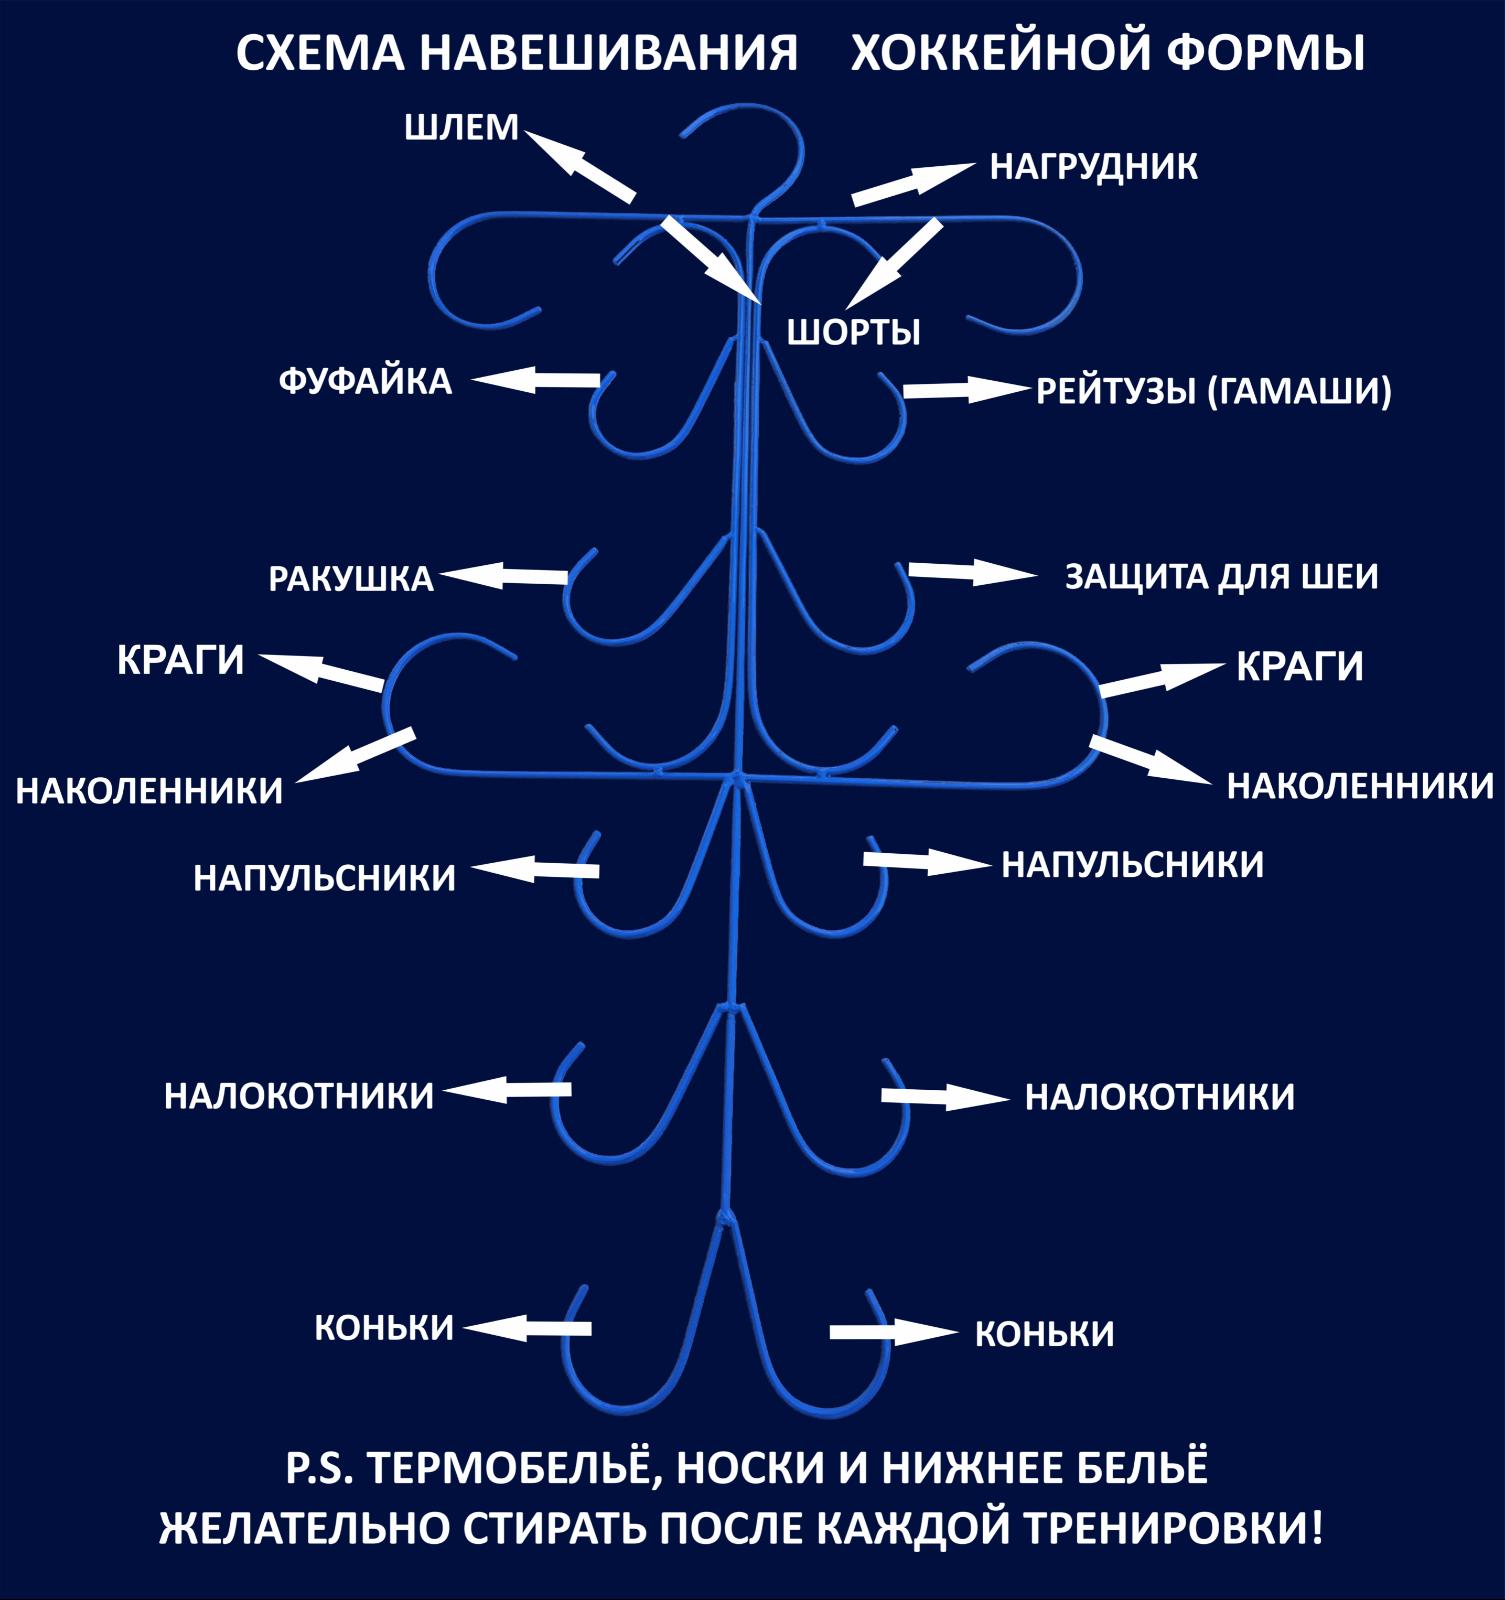 Схема навешиванияхоккейной экипировки на вешалкуGermanHokk